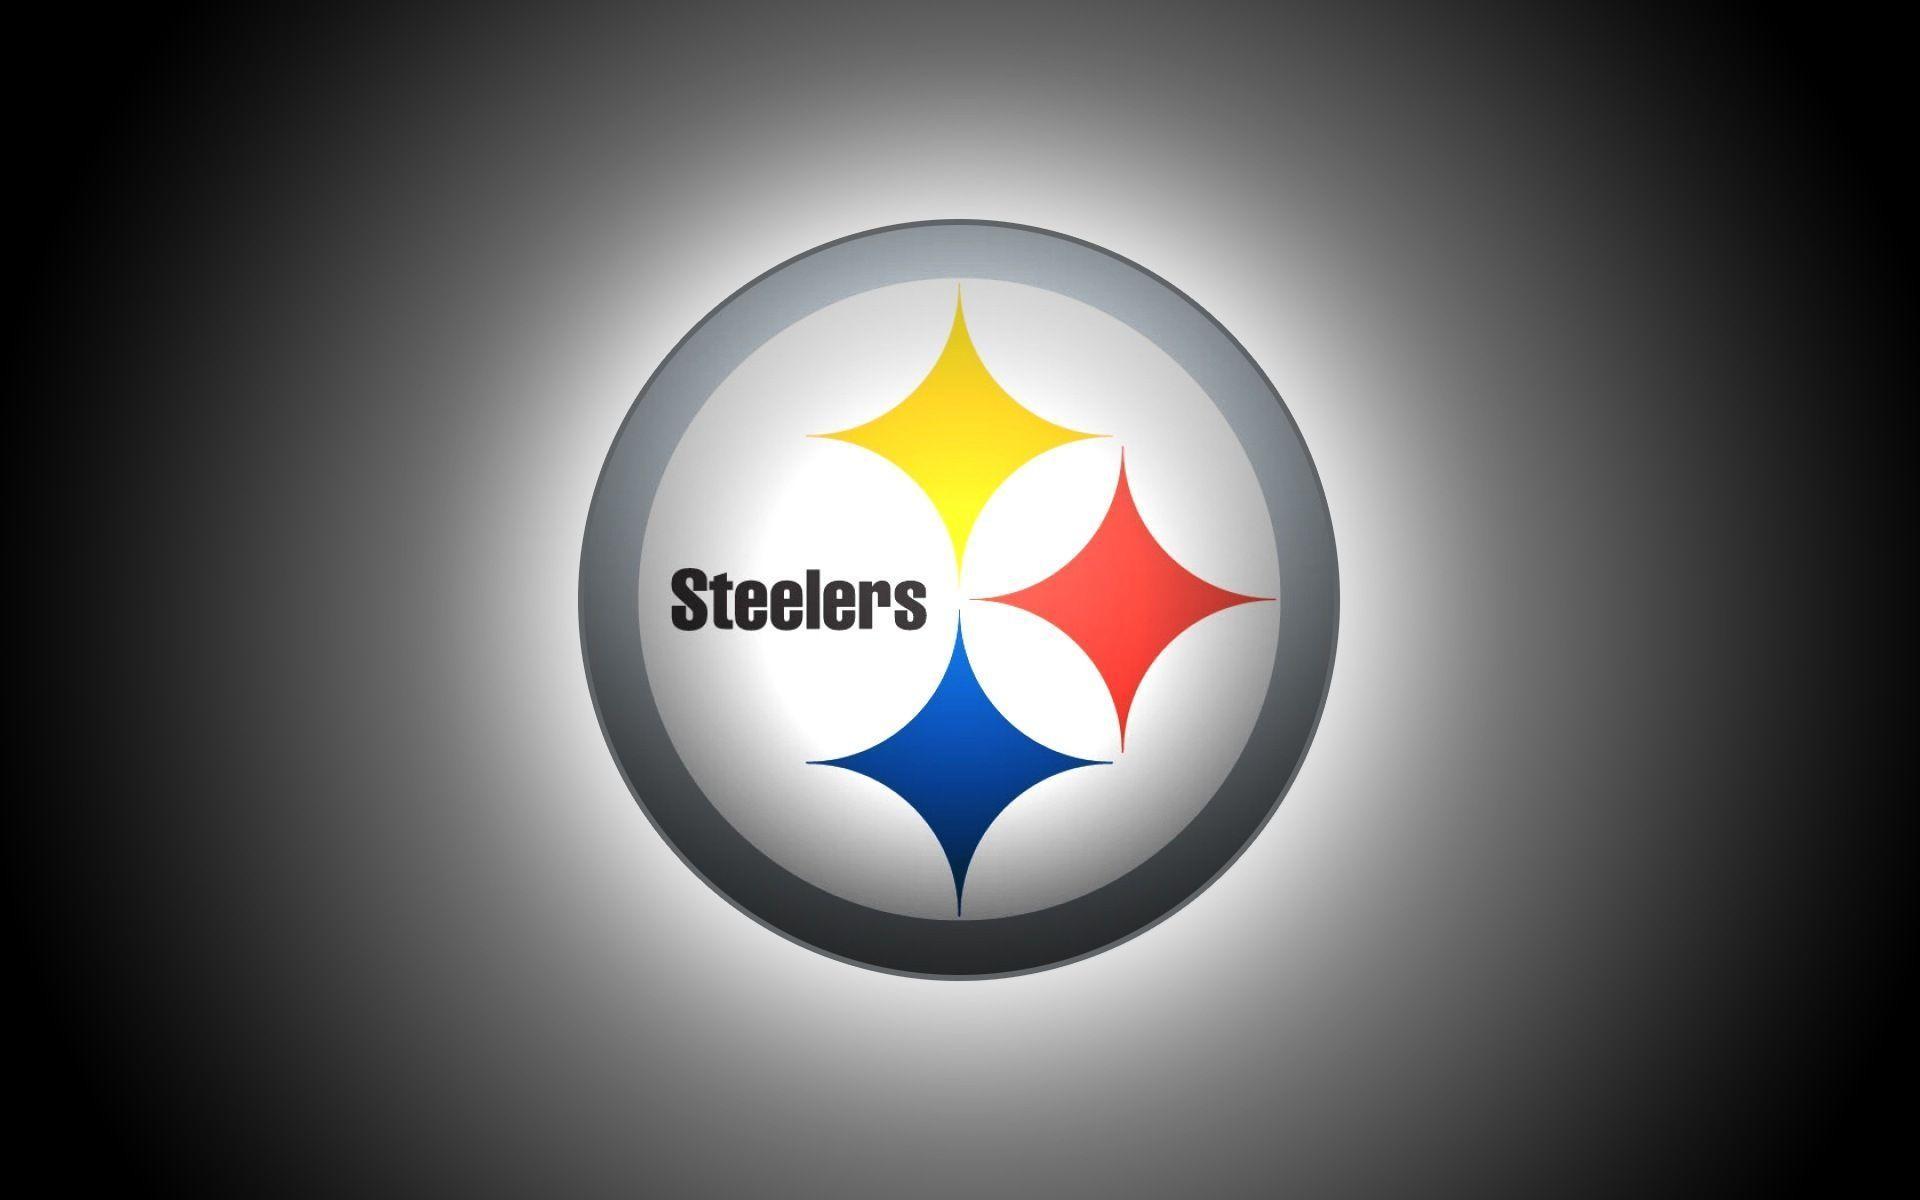 Free Pittsburgh Steelers wallpaper wallpaper | Pittsburgh Steelers .